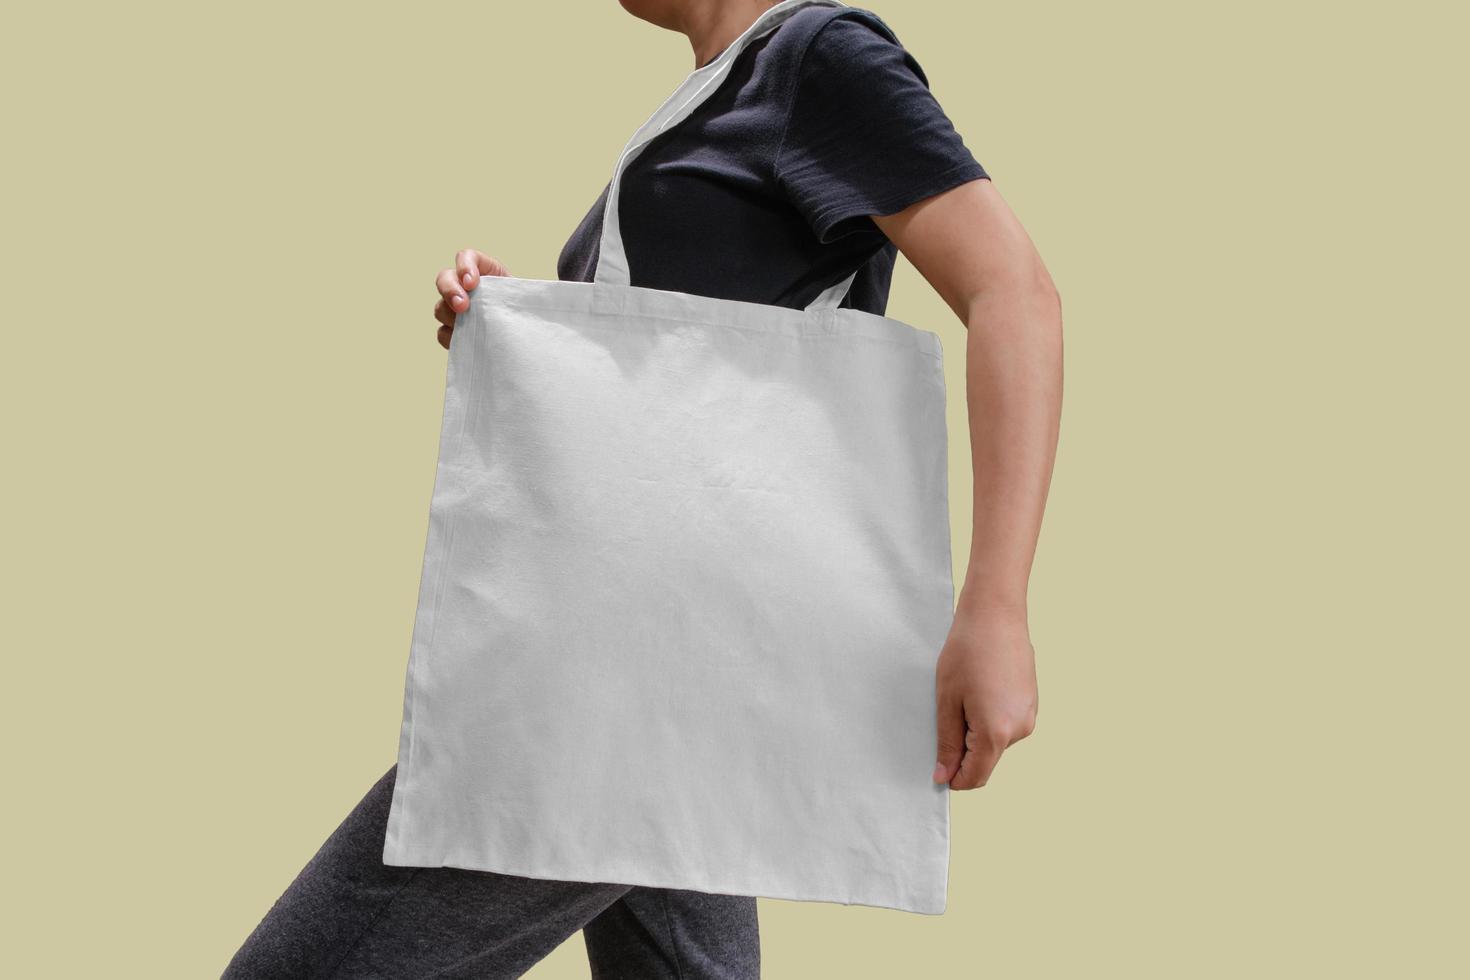 kvinna som håller tygväska för mockup foto